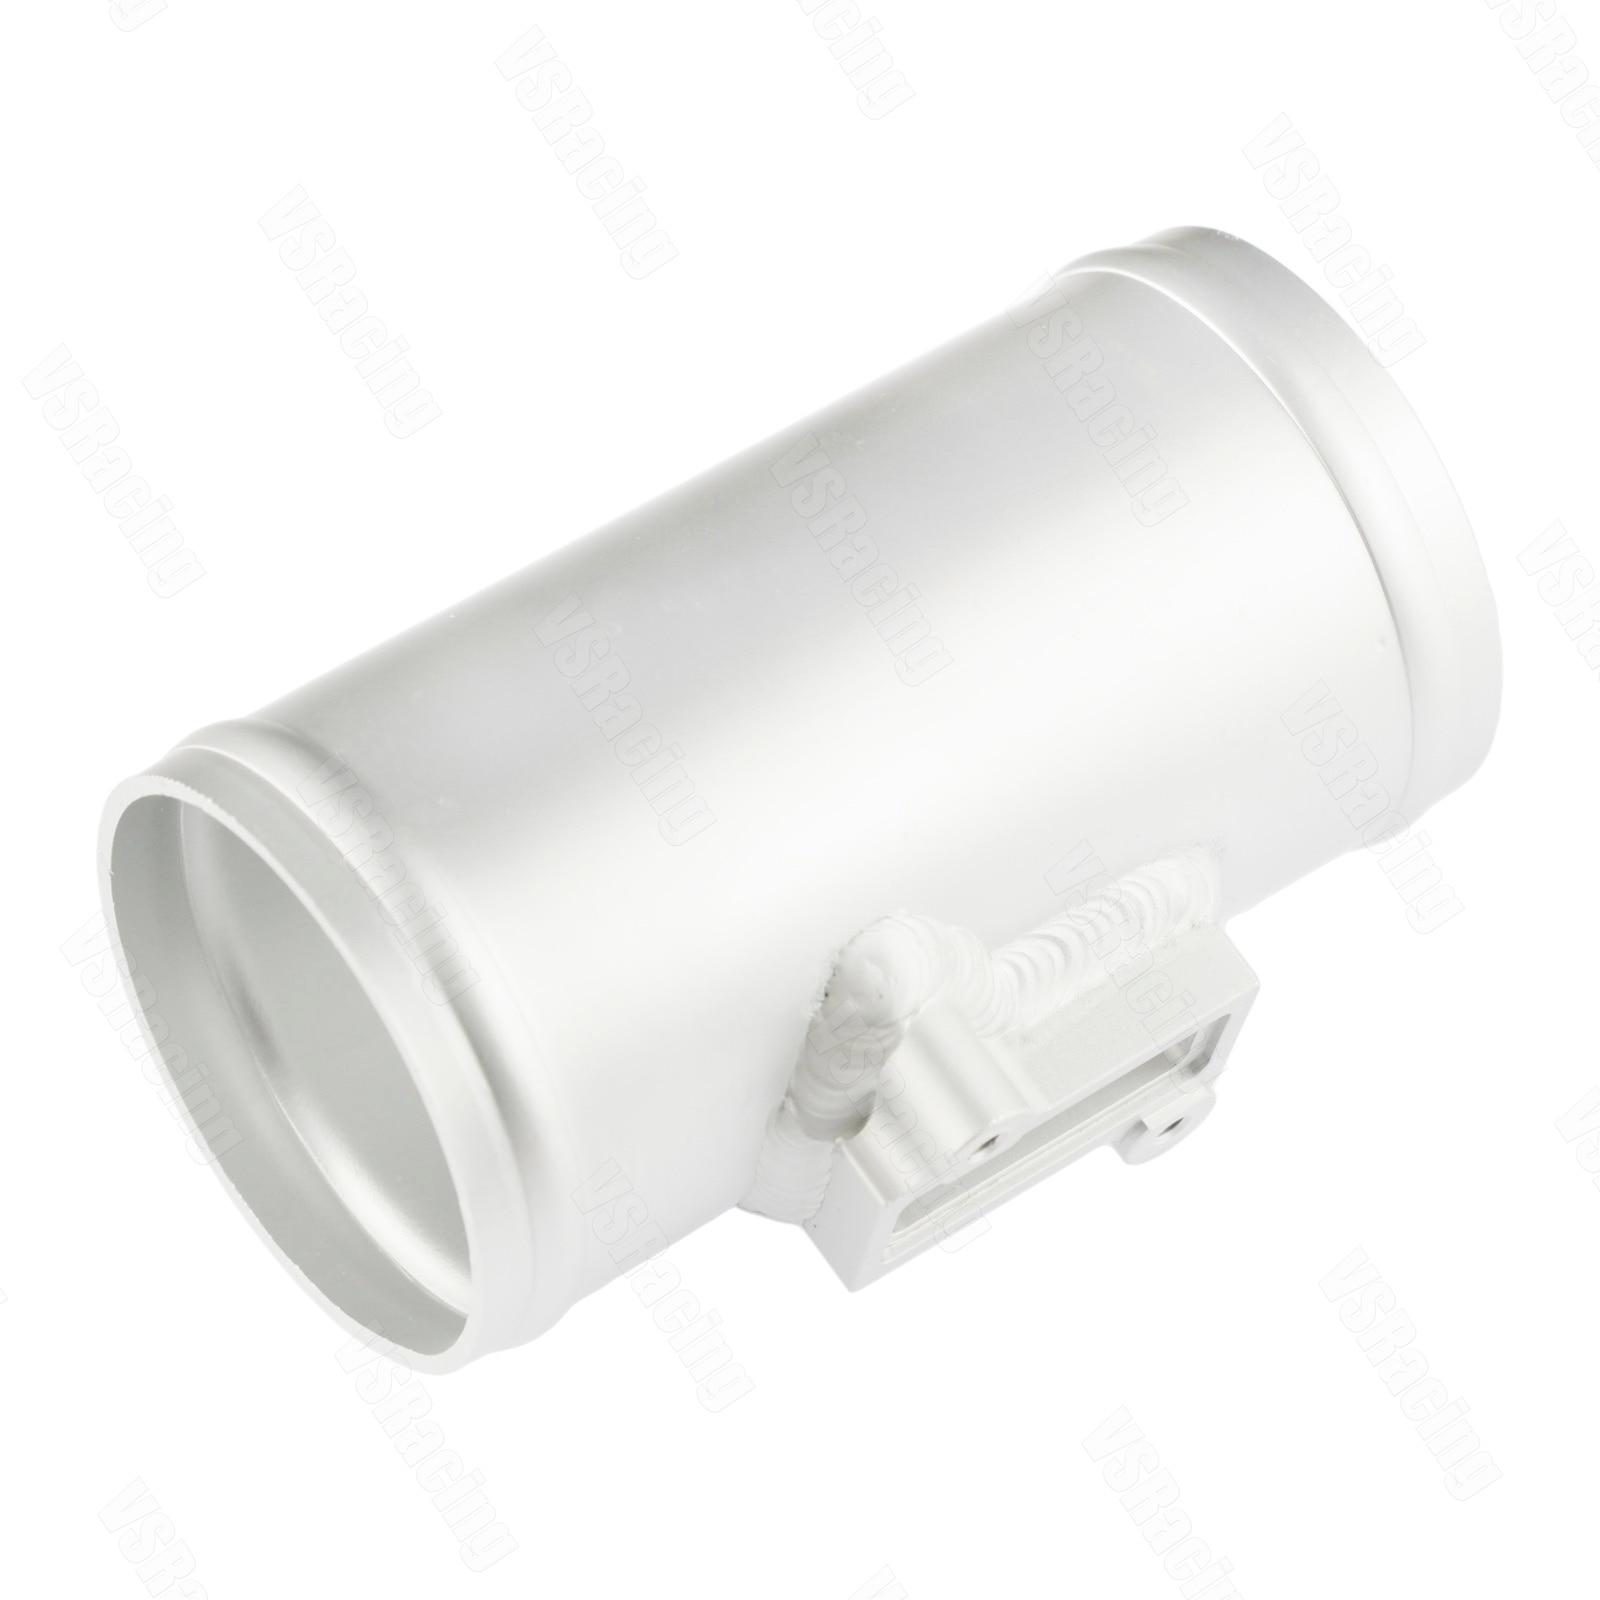 Air Flow Sensor Mount Adapter For Nissan Honda Model MAF Air Intake Meter